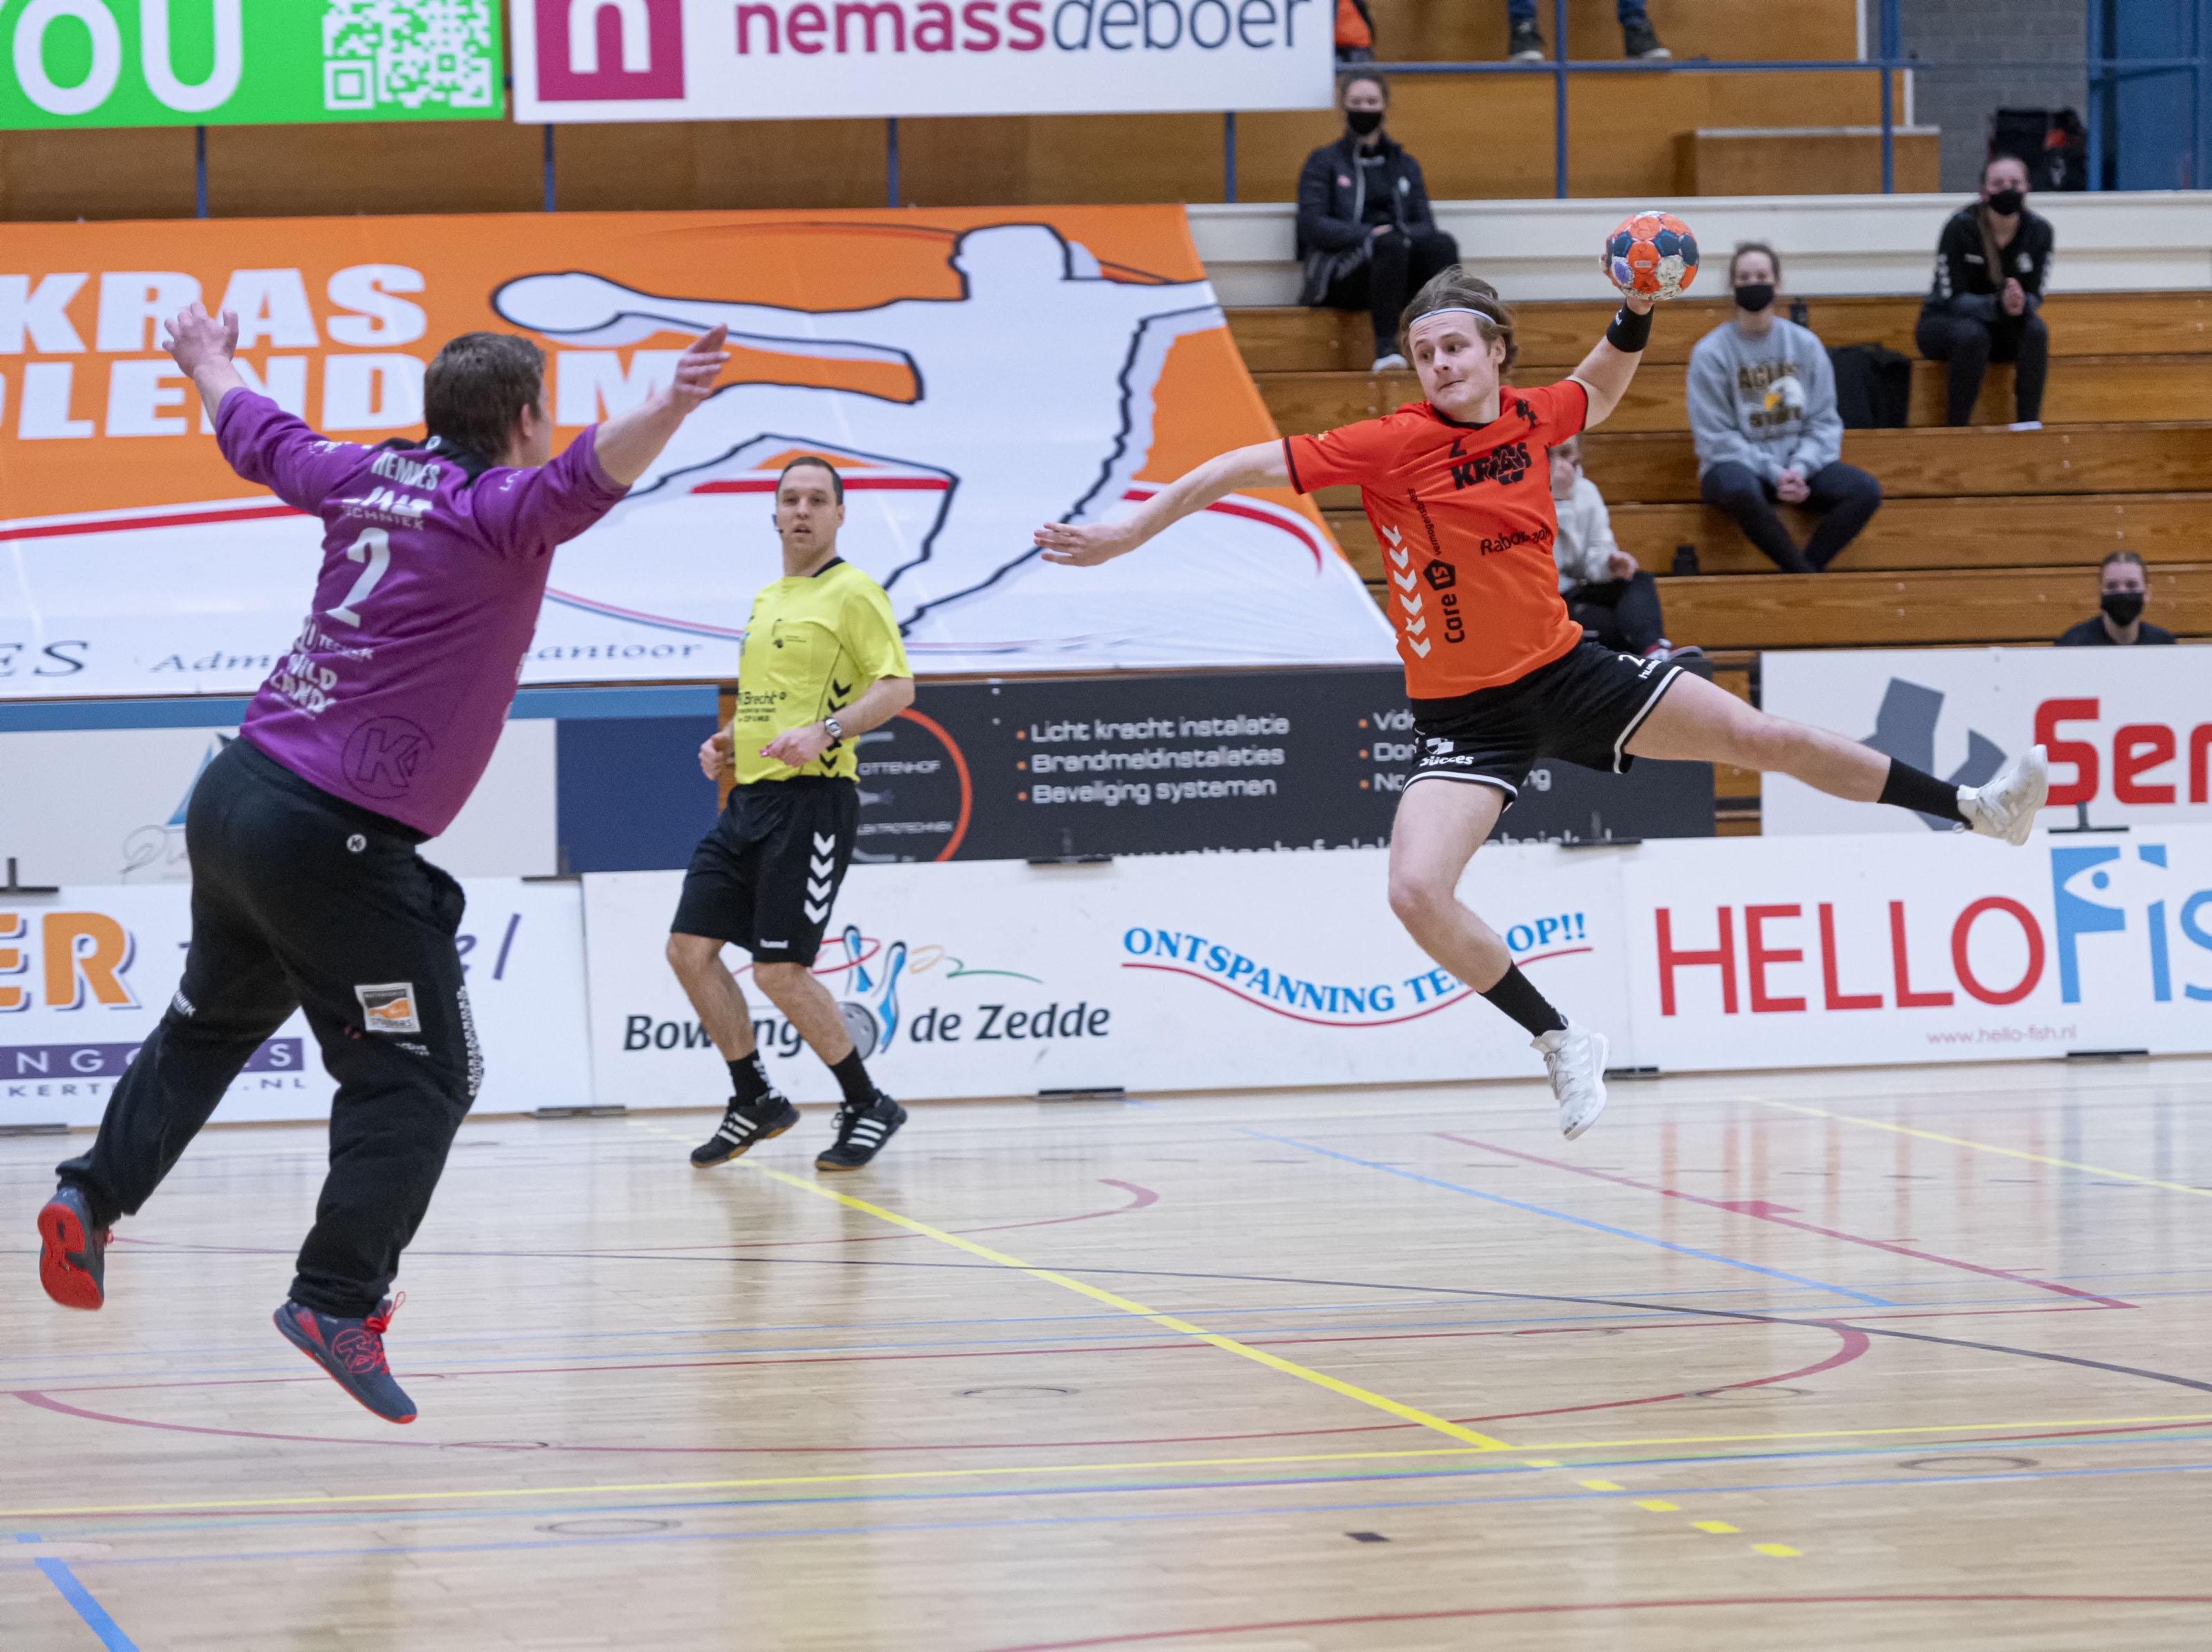 Handballers Volendam zetten na rommelige periode rond trainerswissel Hurry Up ondanks gebrek aan wedstrijdritme overtuigend opzij: 'Als we meer geduld hebben komen er vanzelf betere kansen'